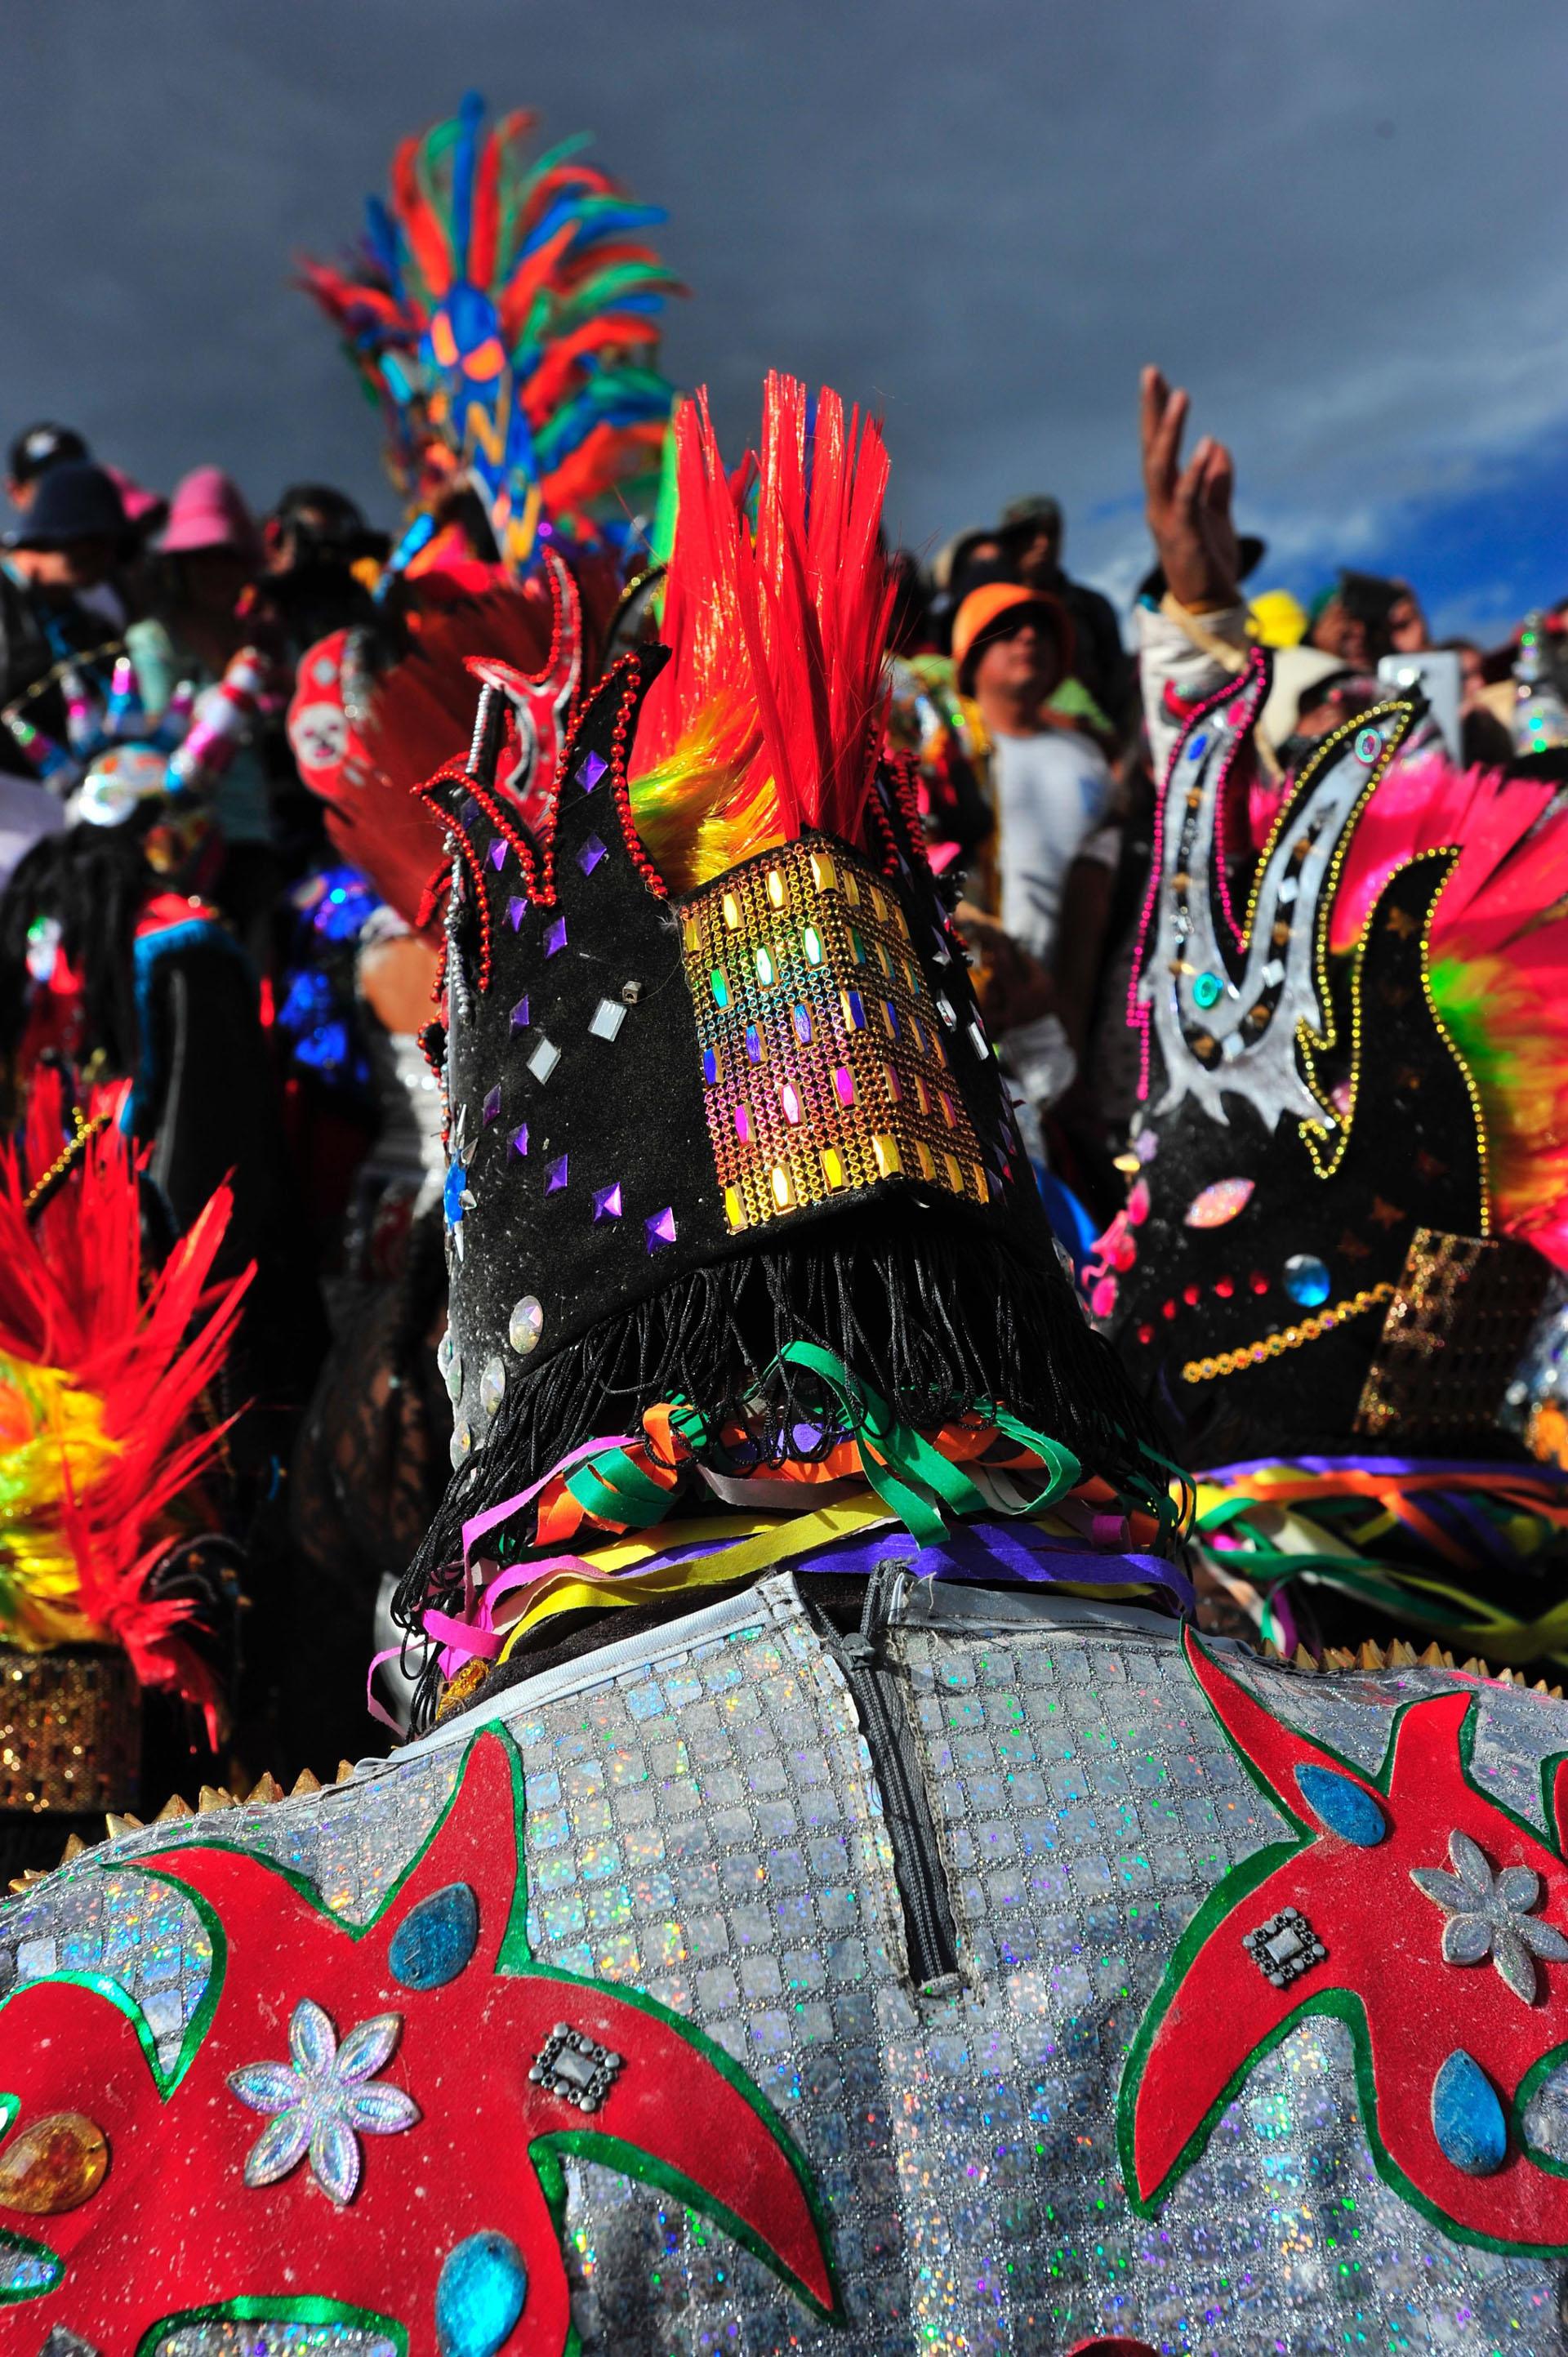 En Uquía, los diablos emergen de la tierra y van bajando desde el Cerro Blanco con sus coloridos disfraces para hacer de las suyas durante los días de carnaval